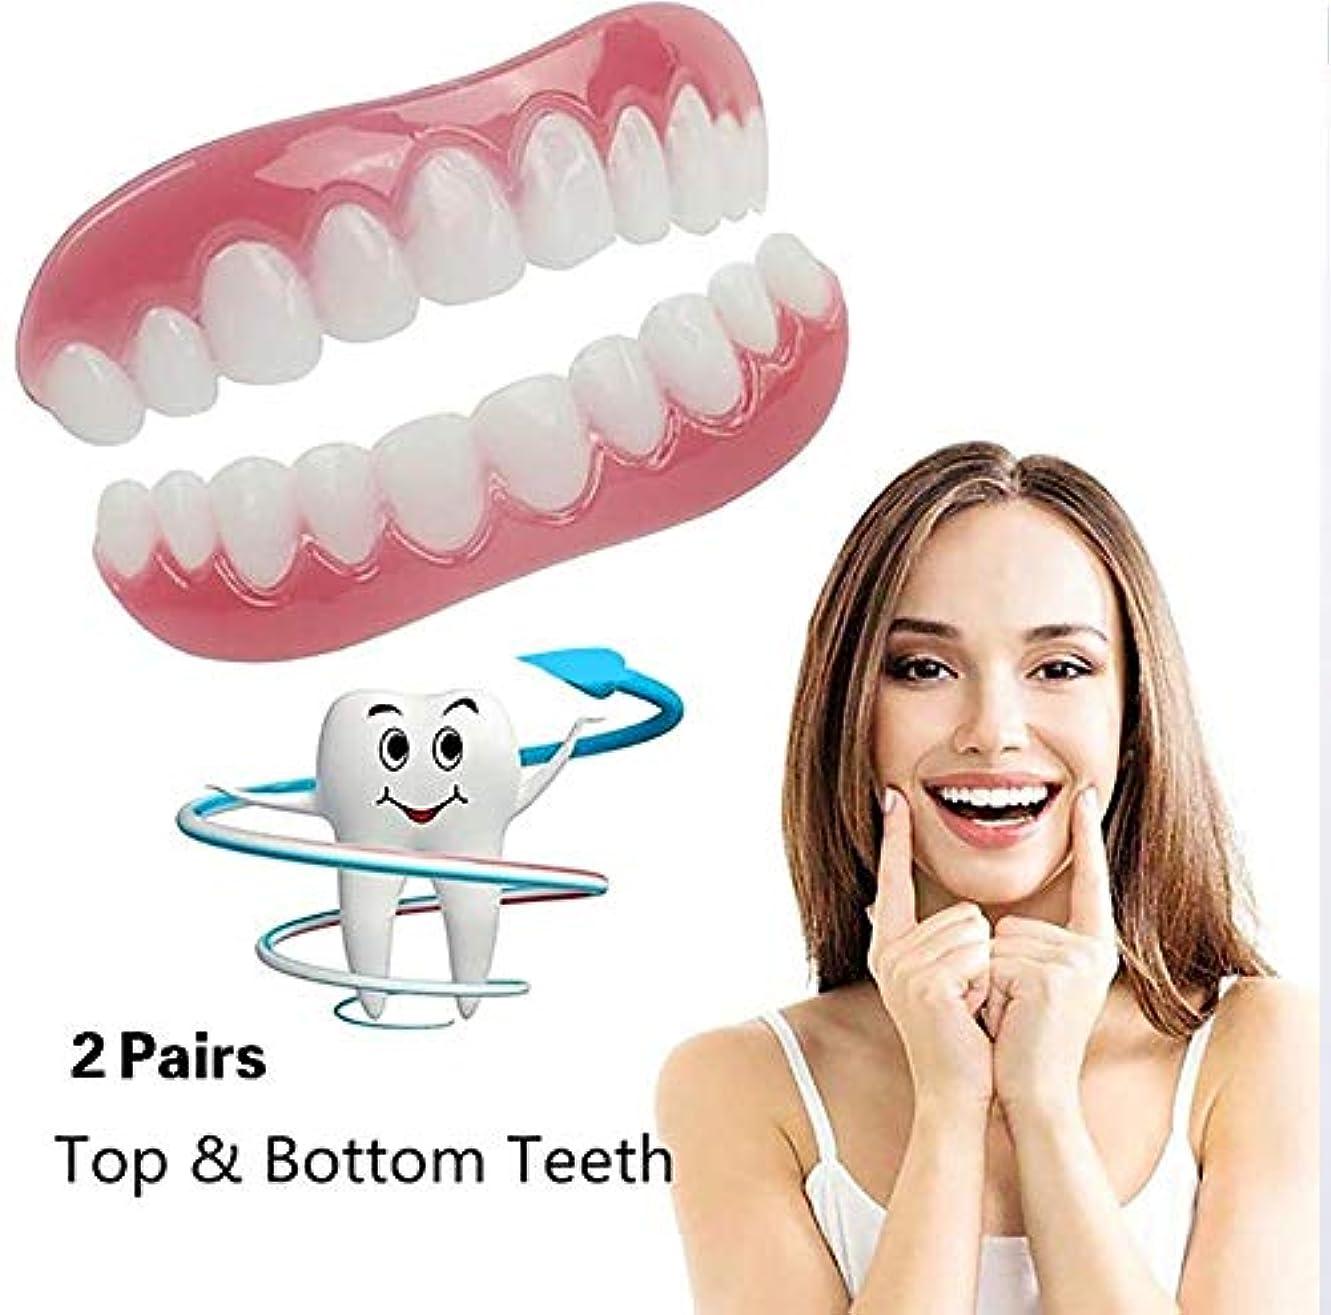 パーフェクトインスタントスマイルティースベニヤインスタントビューティー2本入れ歯2本下歯(フリーサイズ(中))